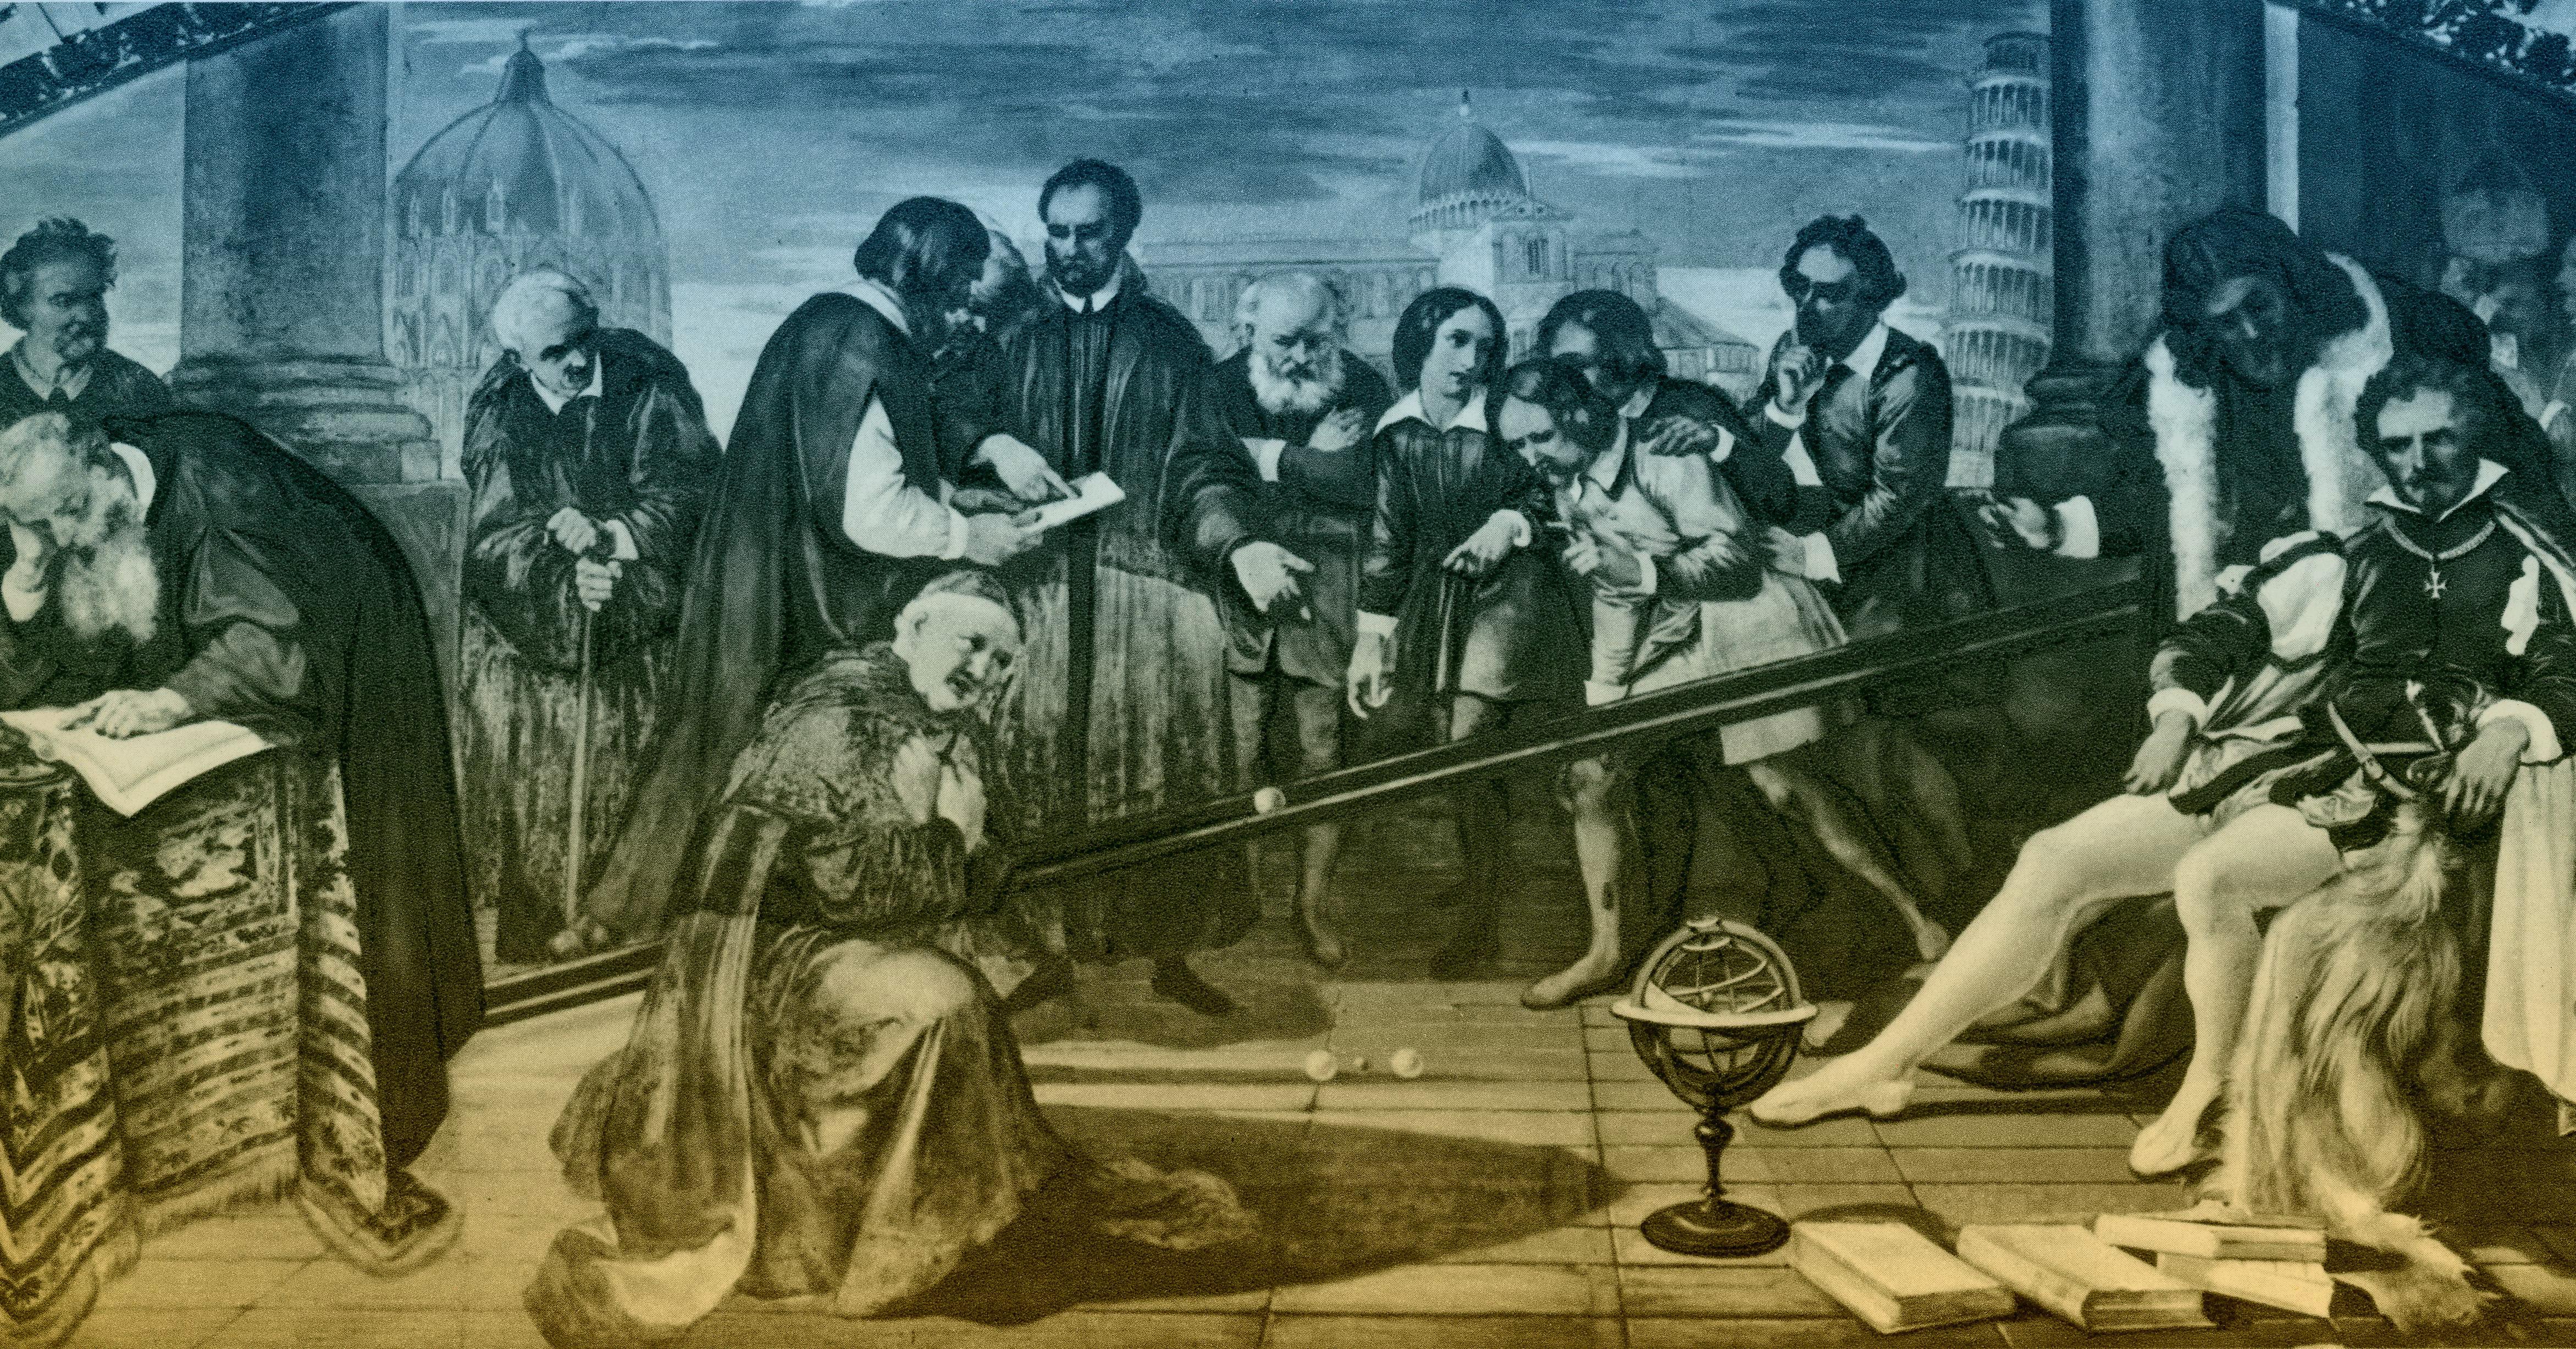 Ανακαλύφθηκε ιστορική χαμένη επιστολή του Γαλιλαίου. Πώς προσπάθησε να ξεγελάσει την Ιερά